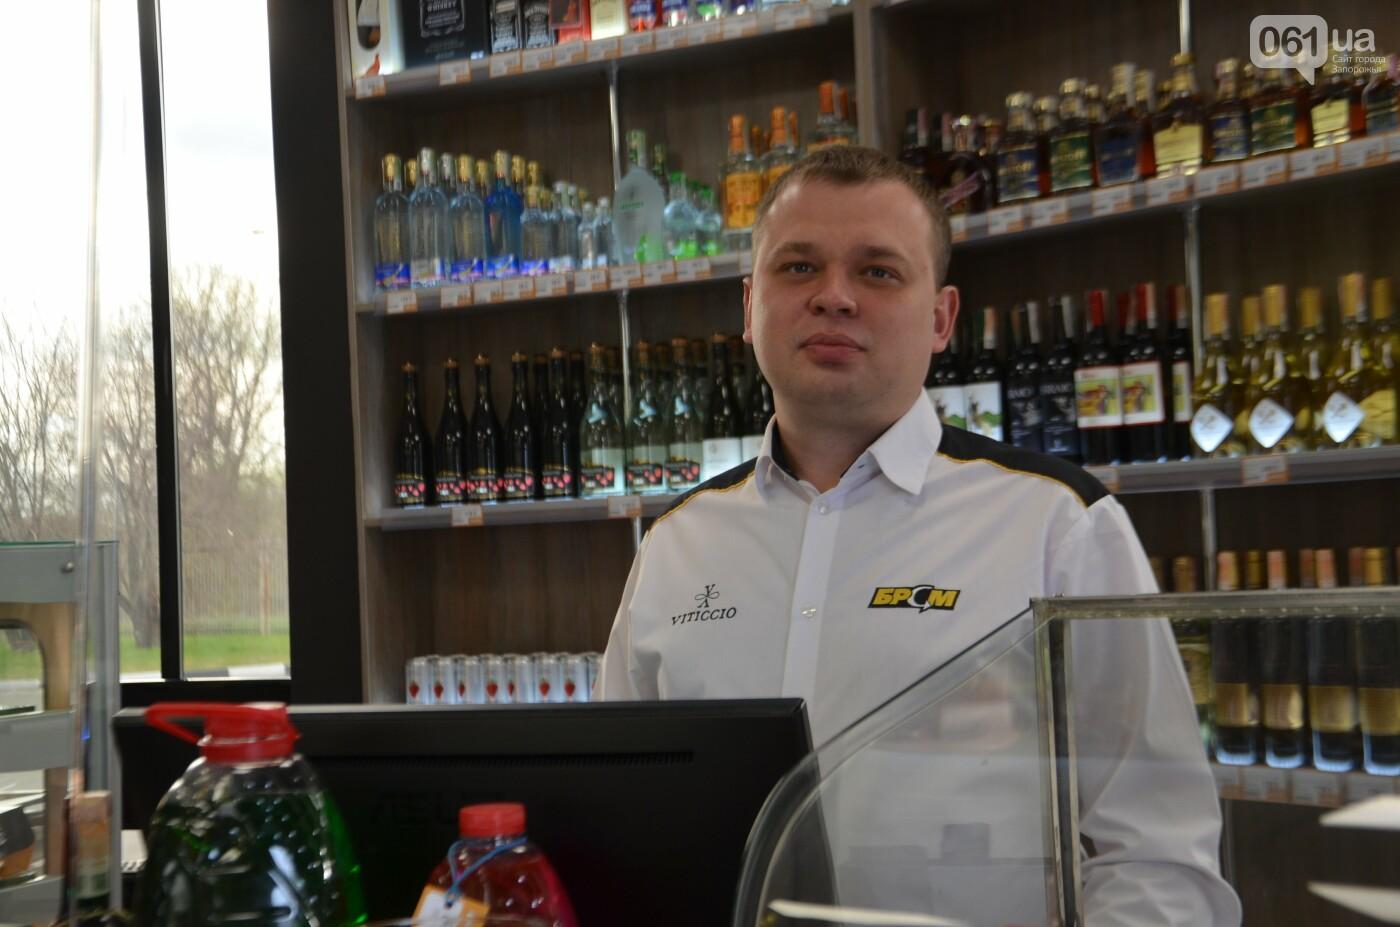 Отличный сервис, приятные цены и акции: в Запорожье открыли два новых автозаправочных комплекса БРСМ-Нафта, фото-3